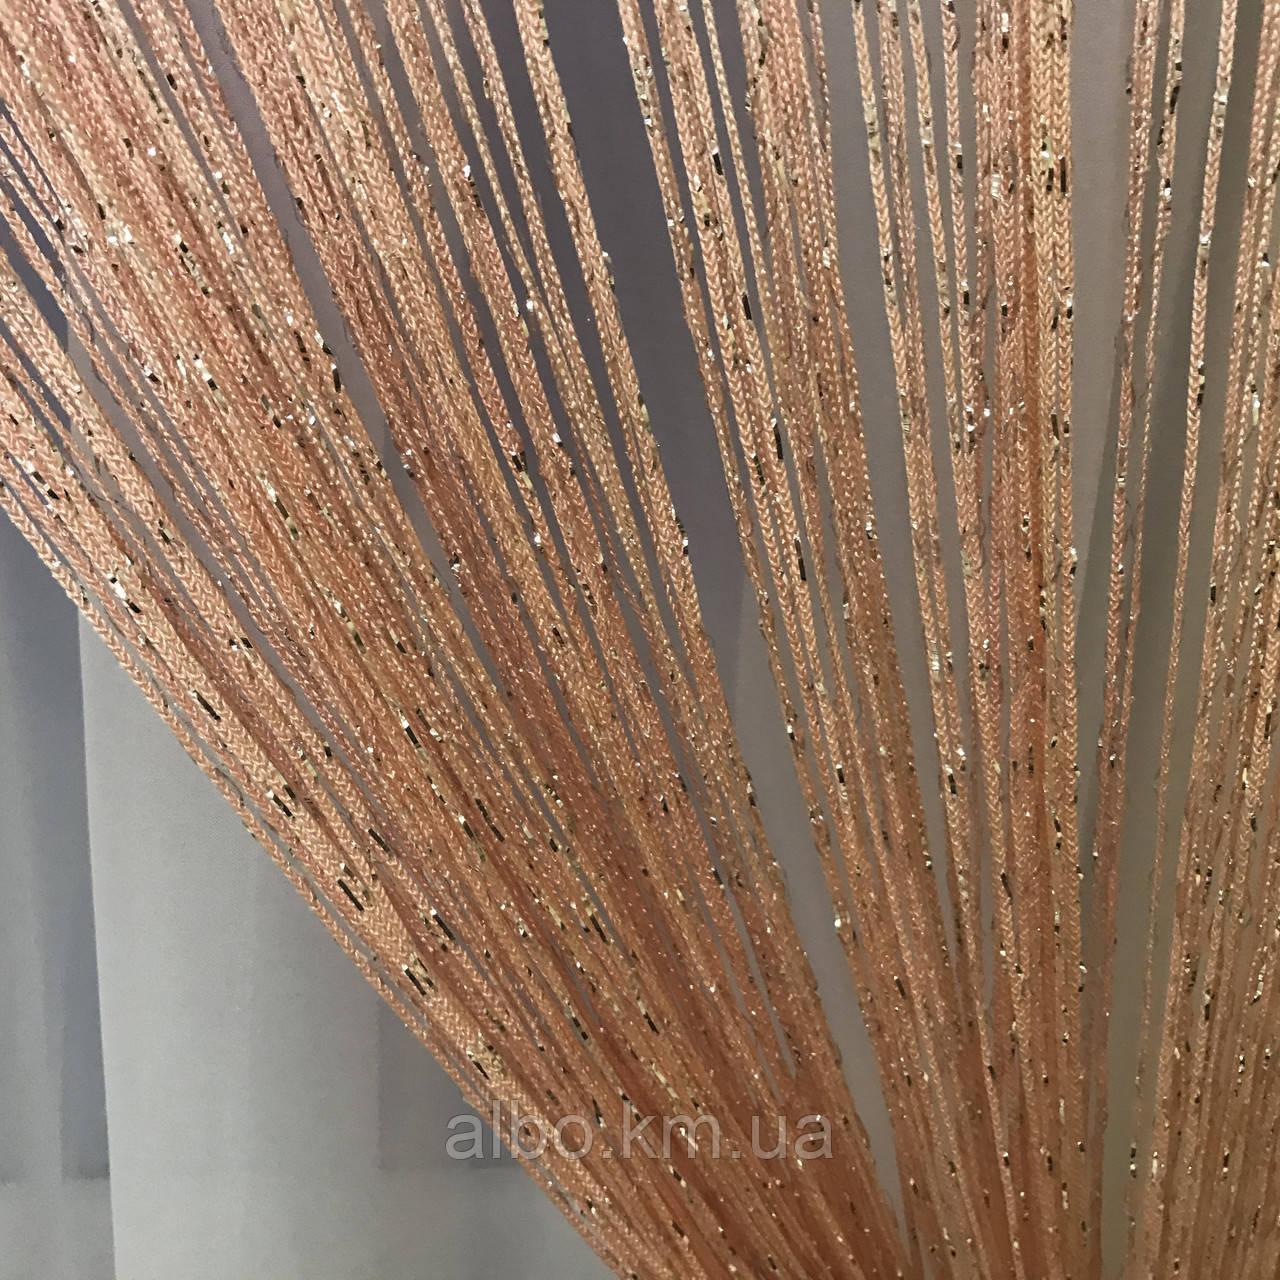 Штори-нитки в кімнату квартиру будинок, штори з люрексом для спальні кухні дитячої, нитяні штори для вітальні залу холу,